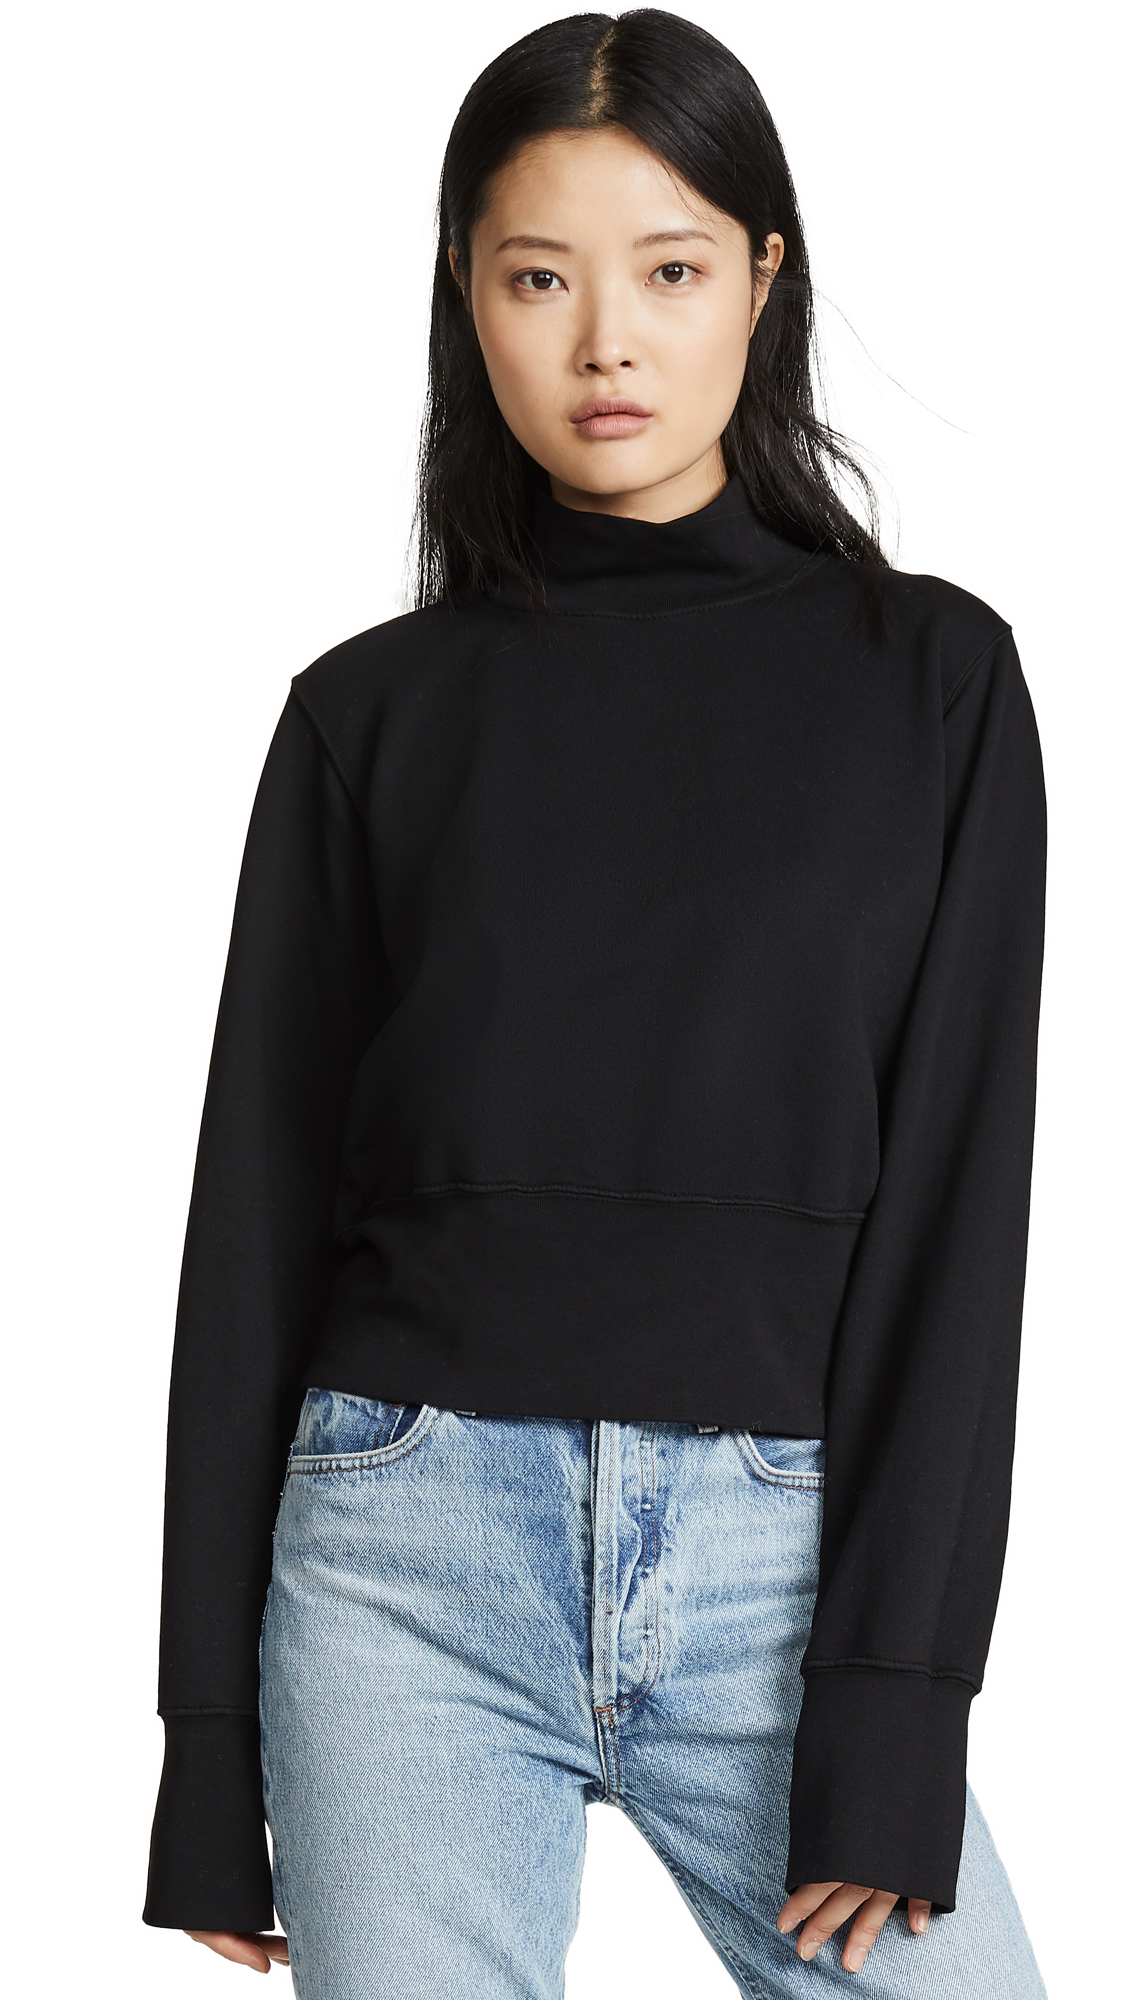 Cotton Citizen Milan Sweatshirt